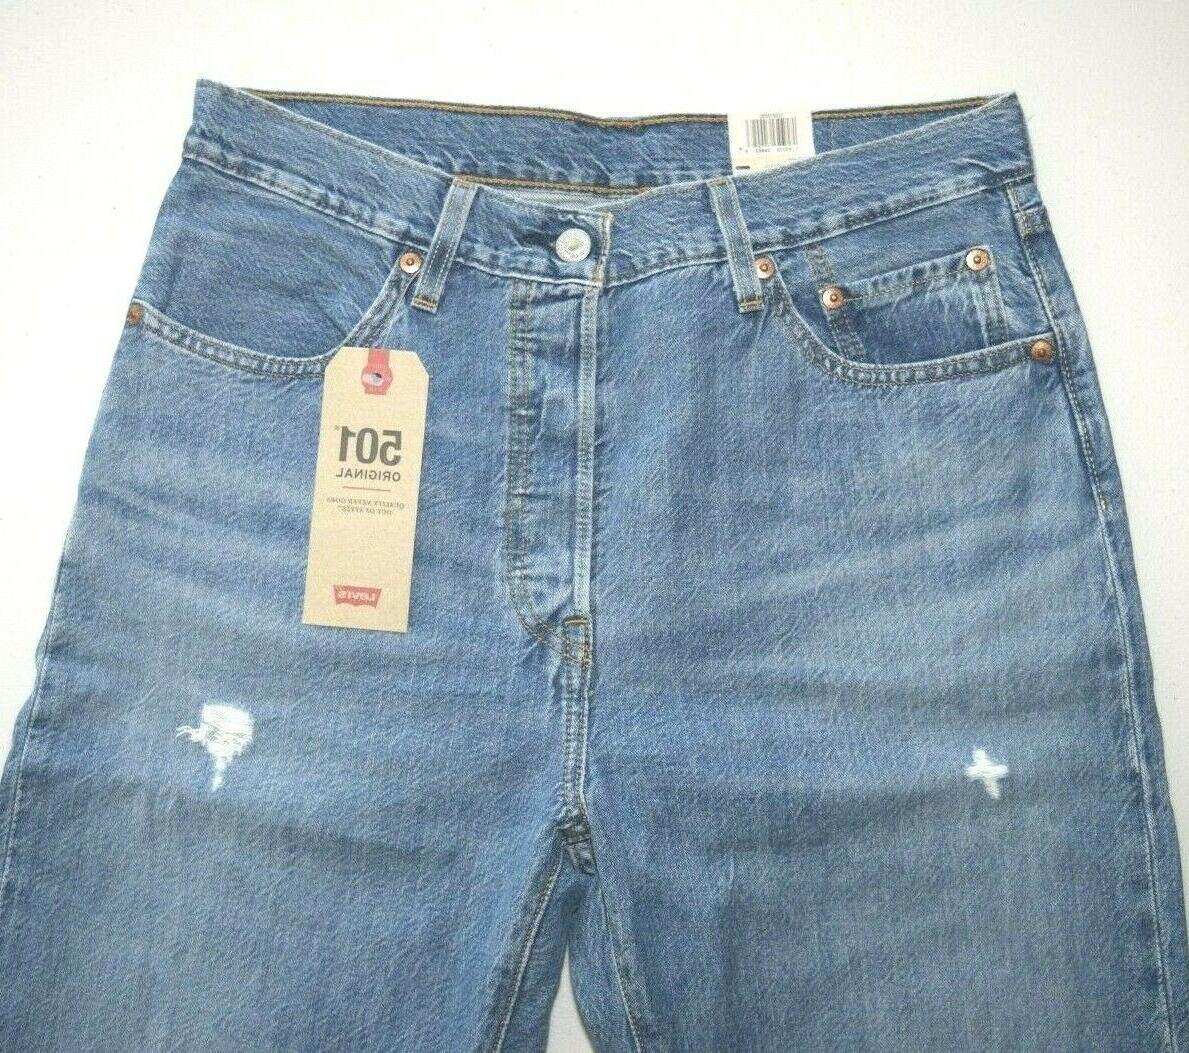 100% 501 Women's Jeans:125010292